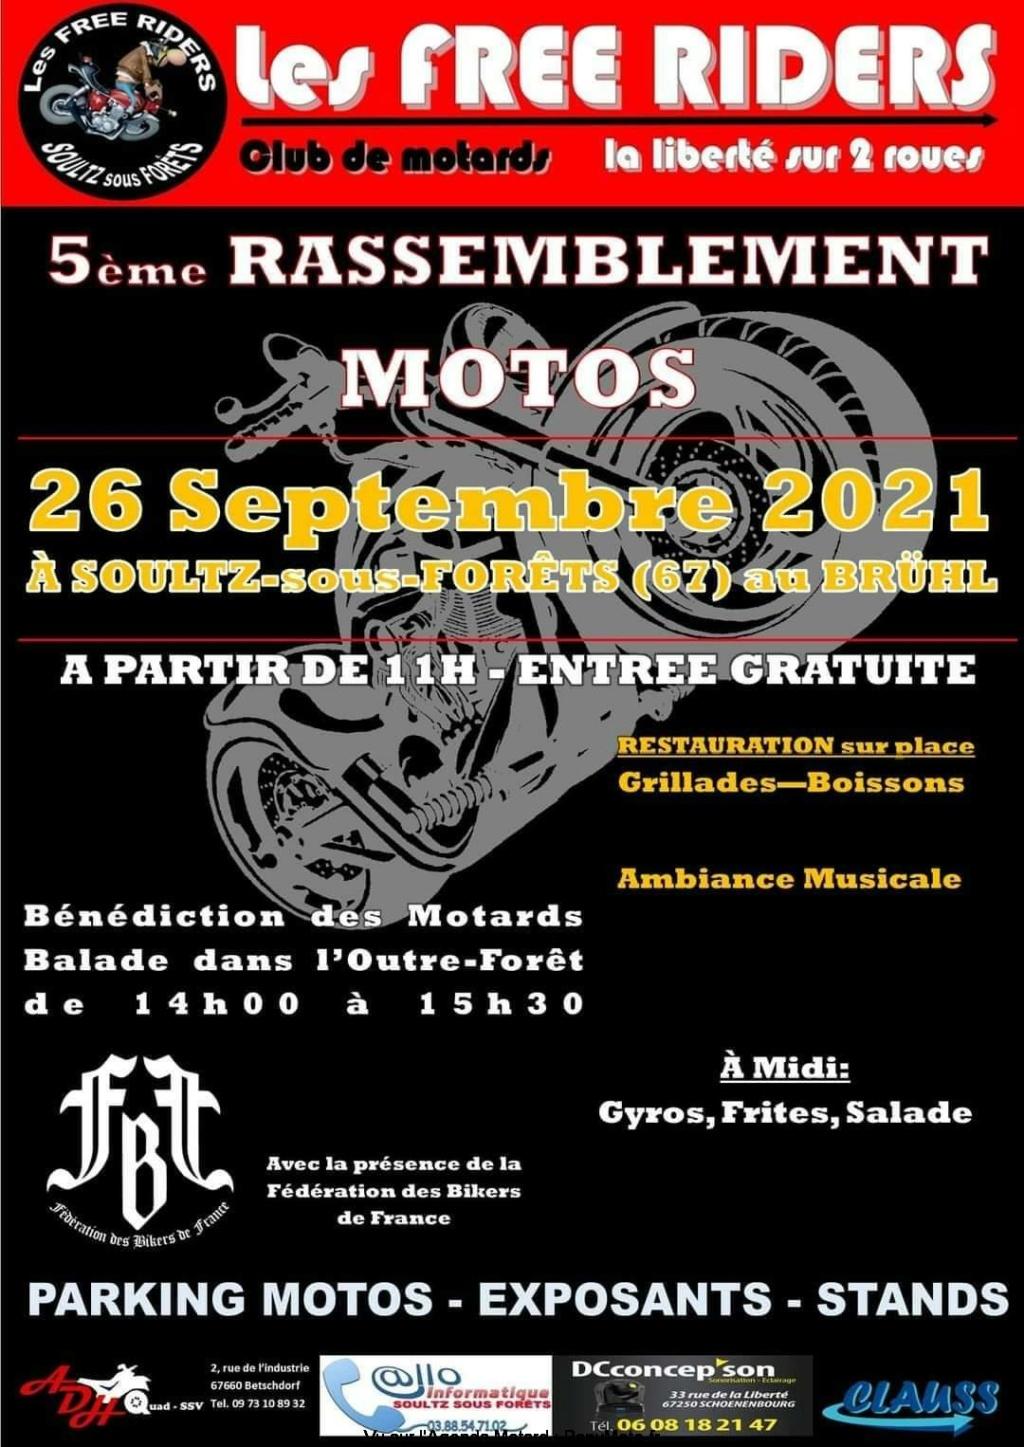 MANIFESTATION - 5ème Rassemblement Motos - 26 Septembre 2021 - Soultz-sous-Forêts (67) 5e-ras10